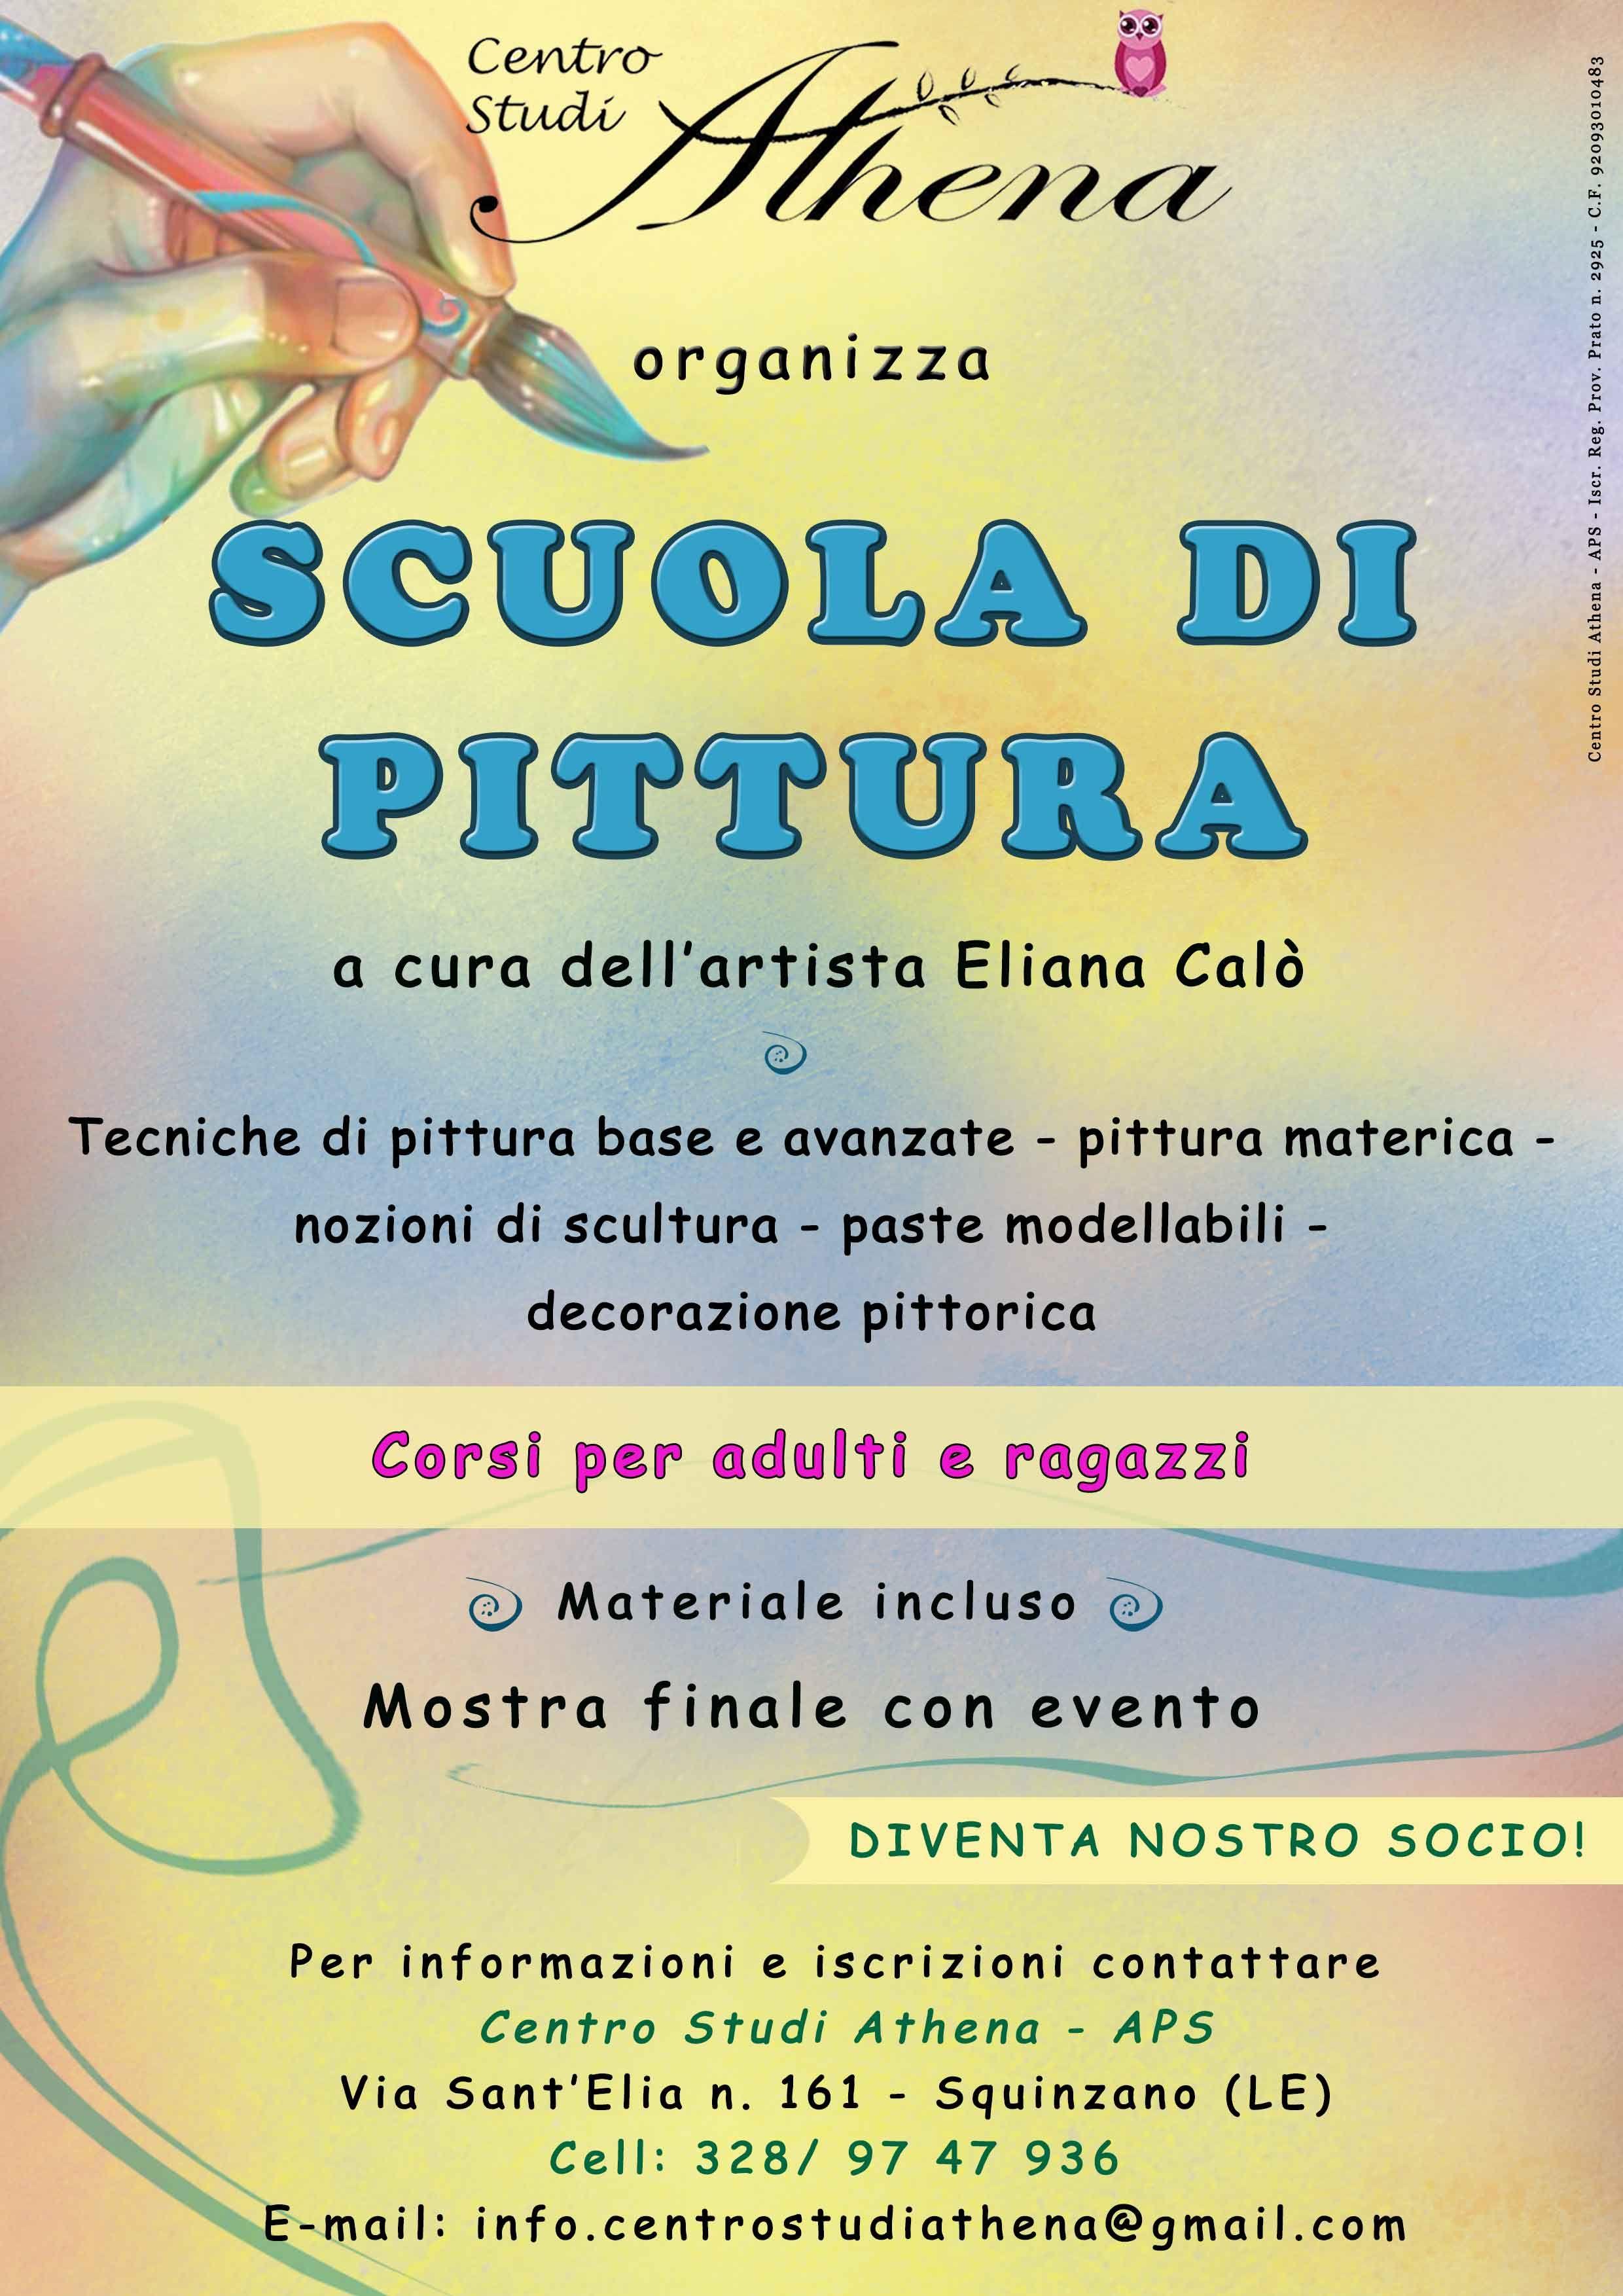 Locandina creata per Centro Studi Athena - APS - Per Corso di Pittura per adulti e ragazzi